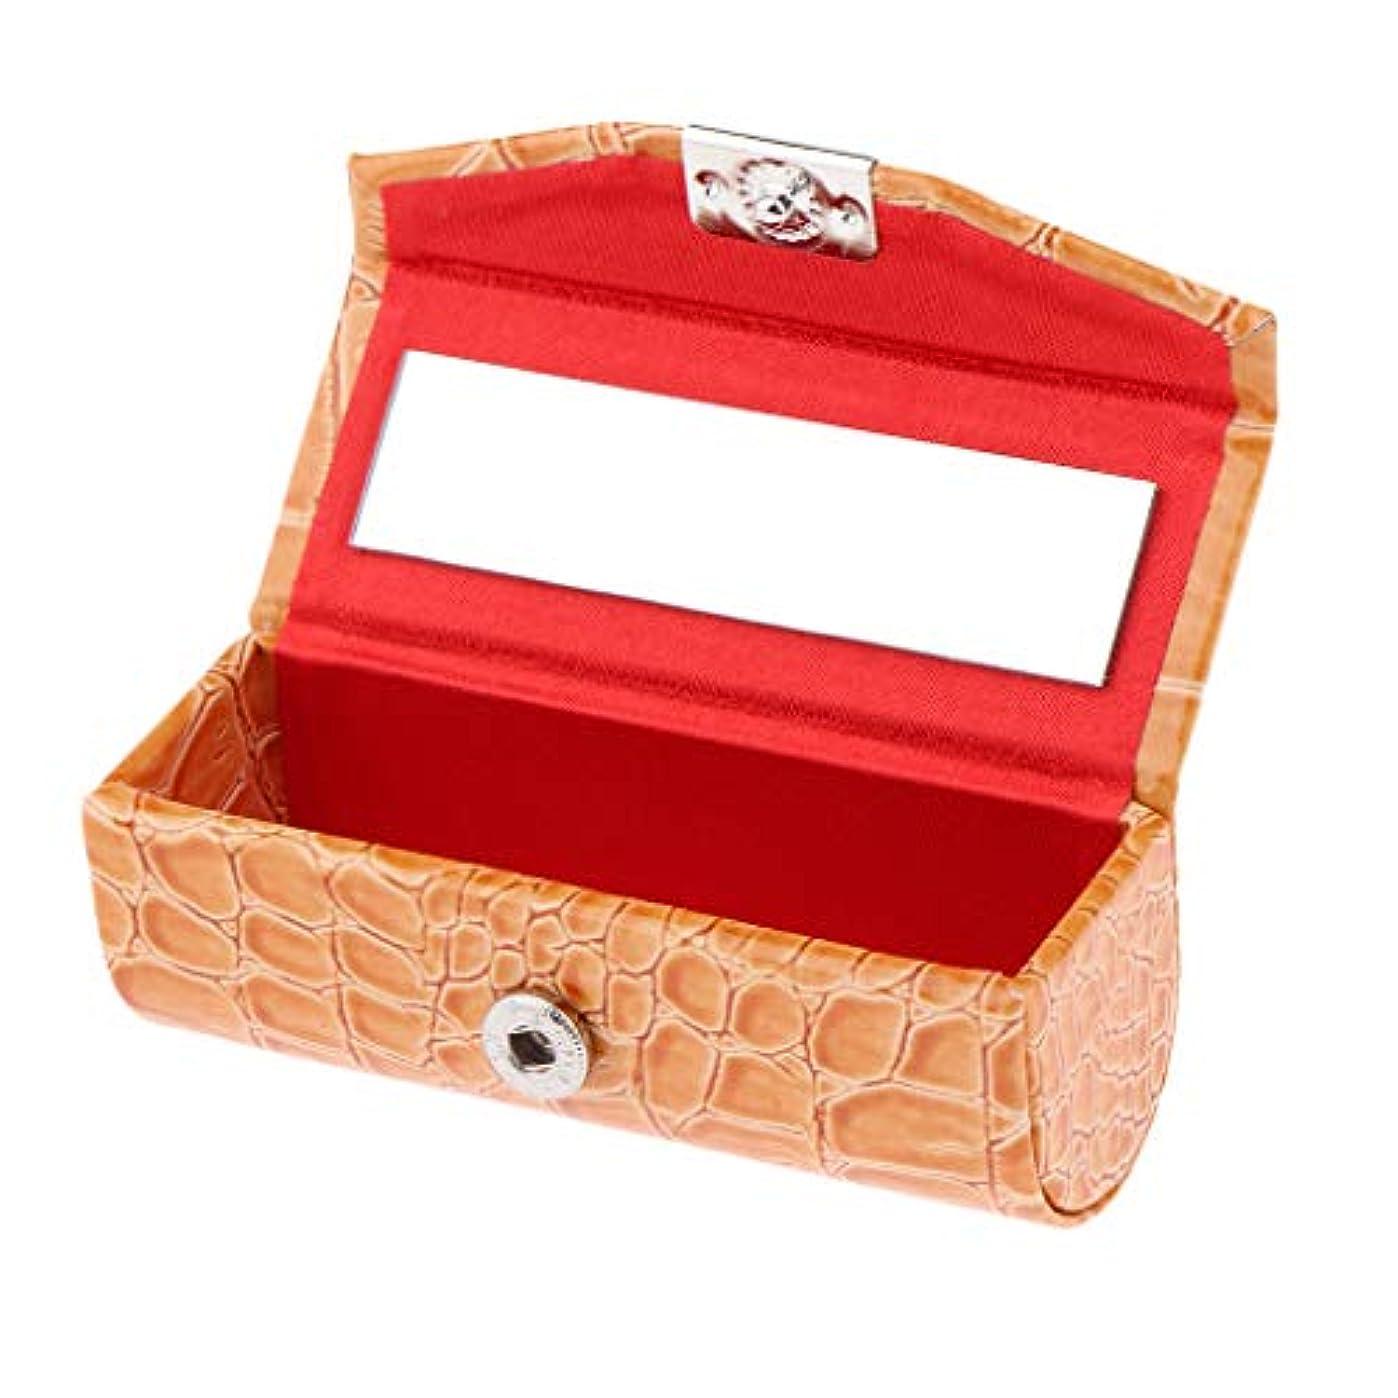 毛布スラッシュ覆すF Fityle リップスティックケース 口紅 ホルダー レザー 財布 ミラー 収納ボックス 多色選べ - オレンジ